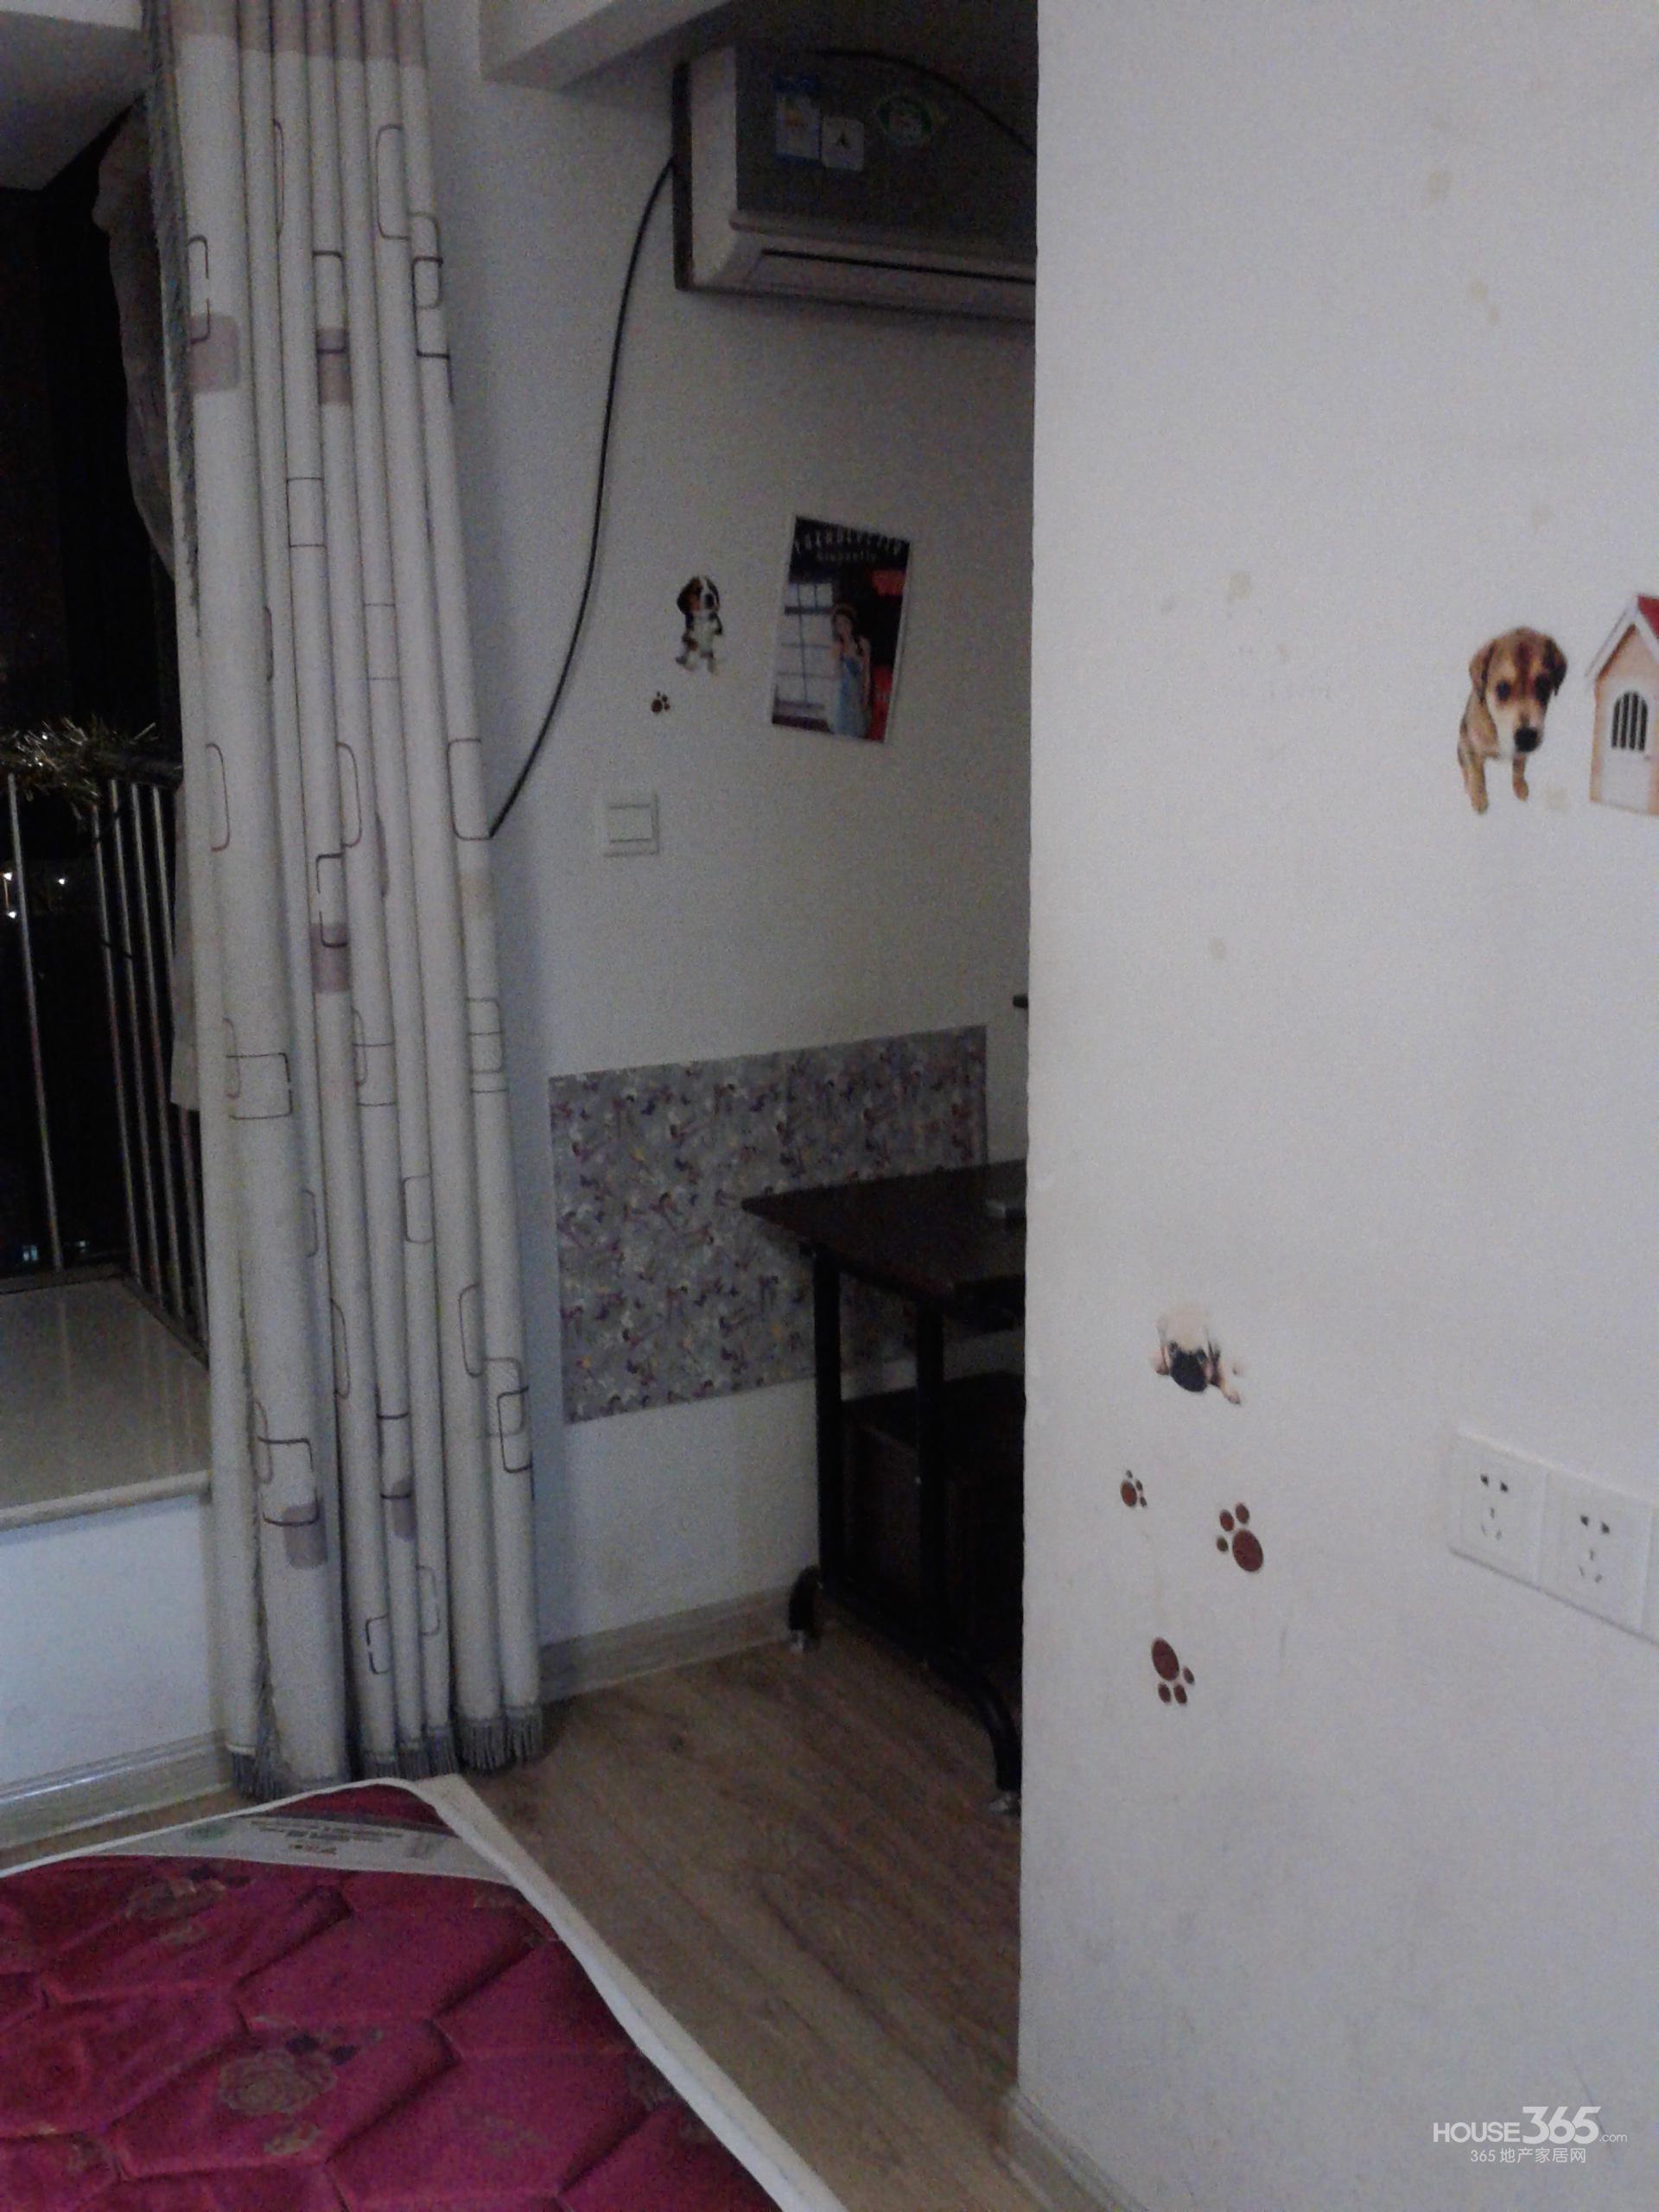 世家名门1室1厅1卫51.00㎡整租精装